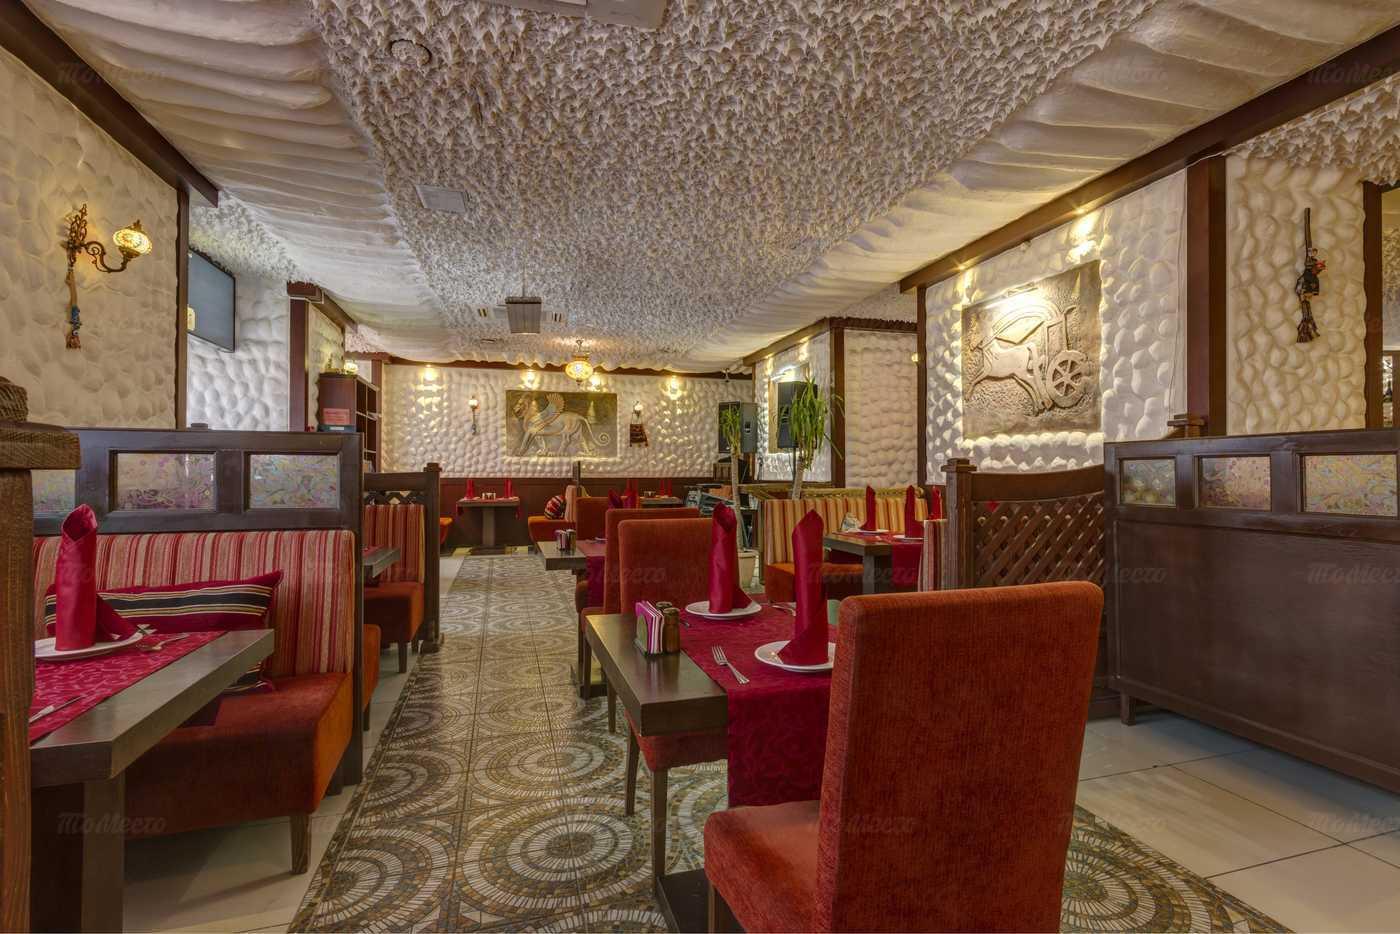 Ресторан Месопотамия на Арбате фото 11